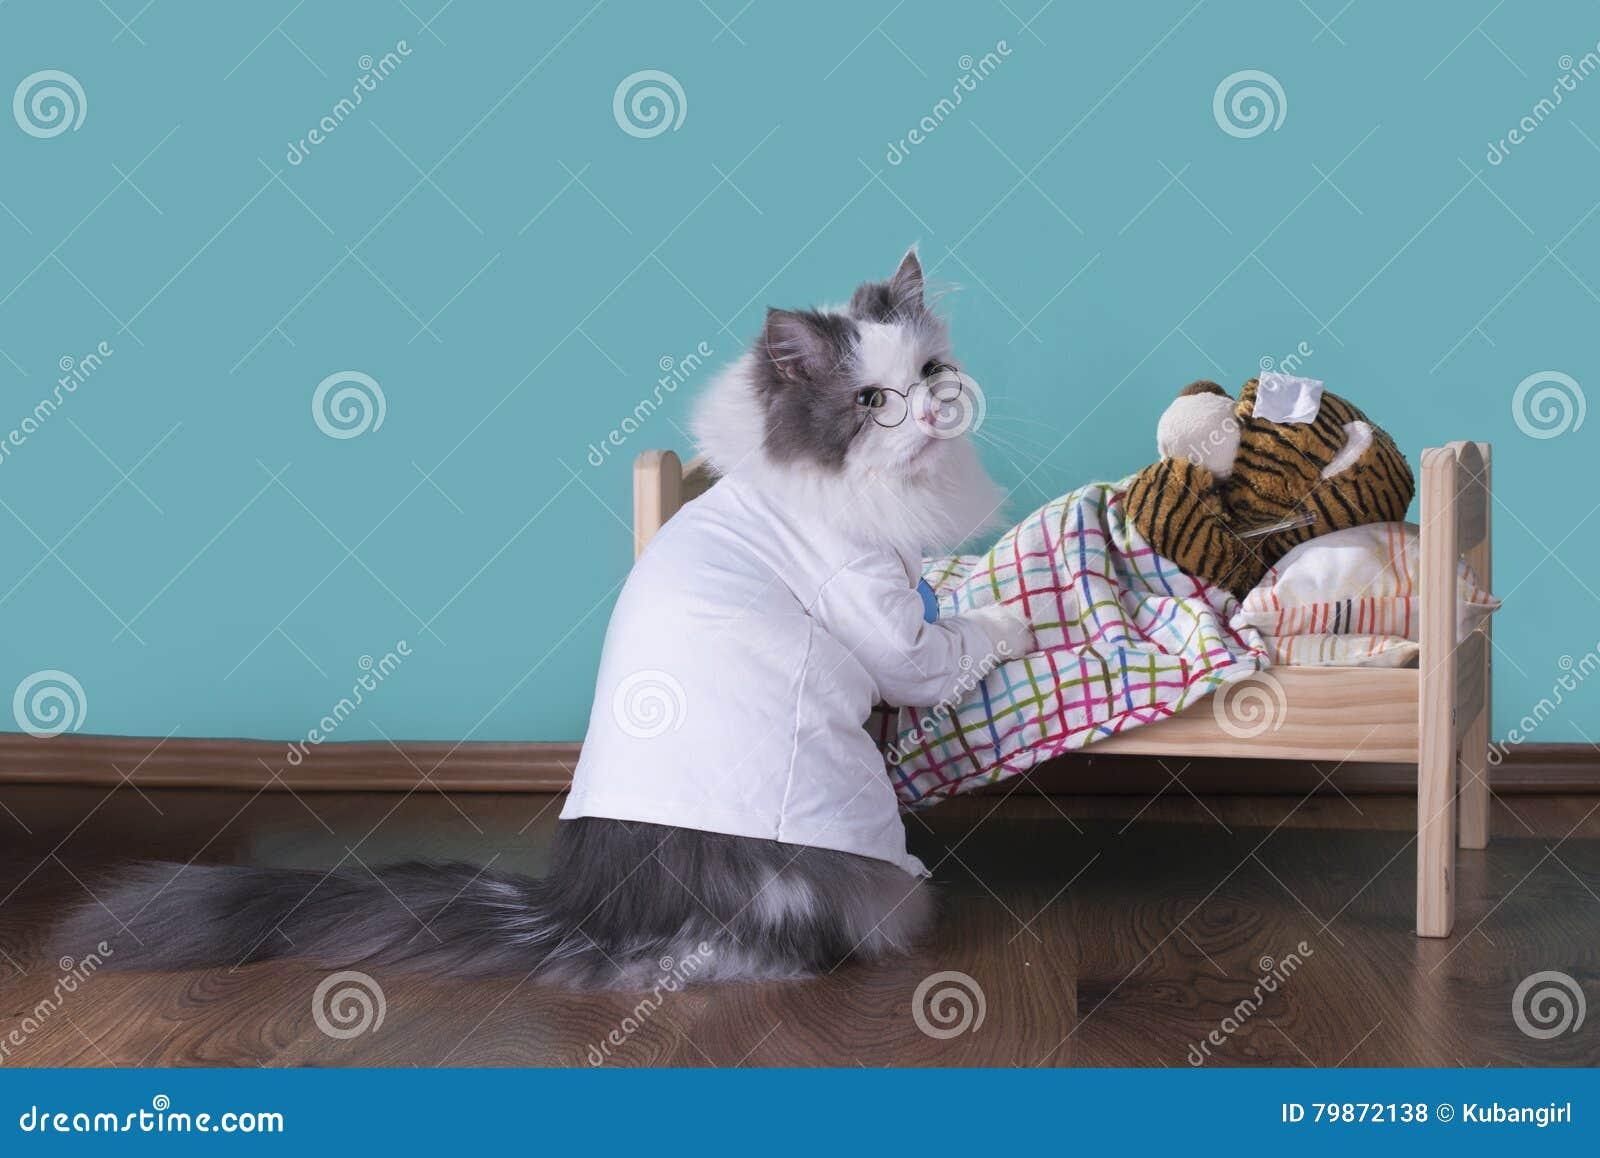 Le chat dans un costume du docteur traite le tigre